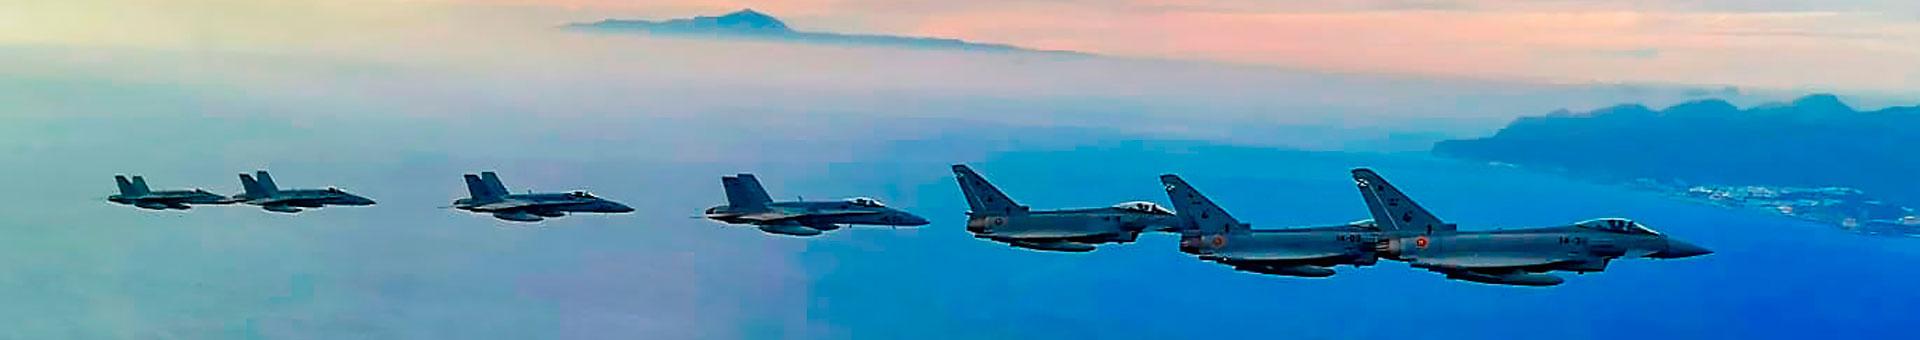 formacion-eurofighter.jpg